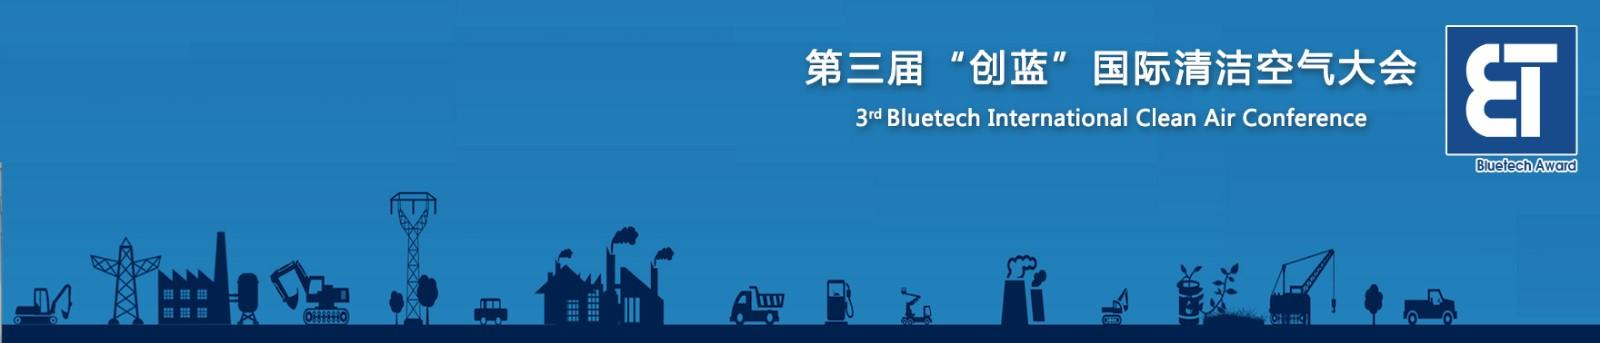 """第三届""""创蓝""""国际清洁空气大会"""